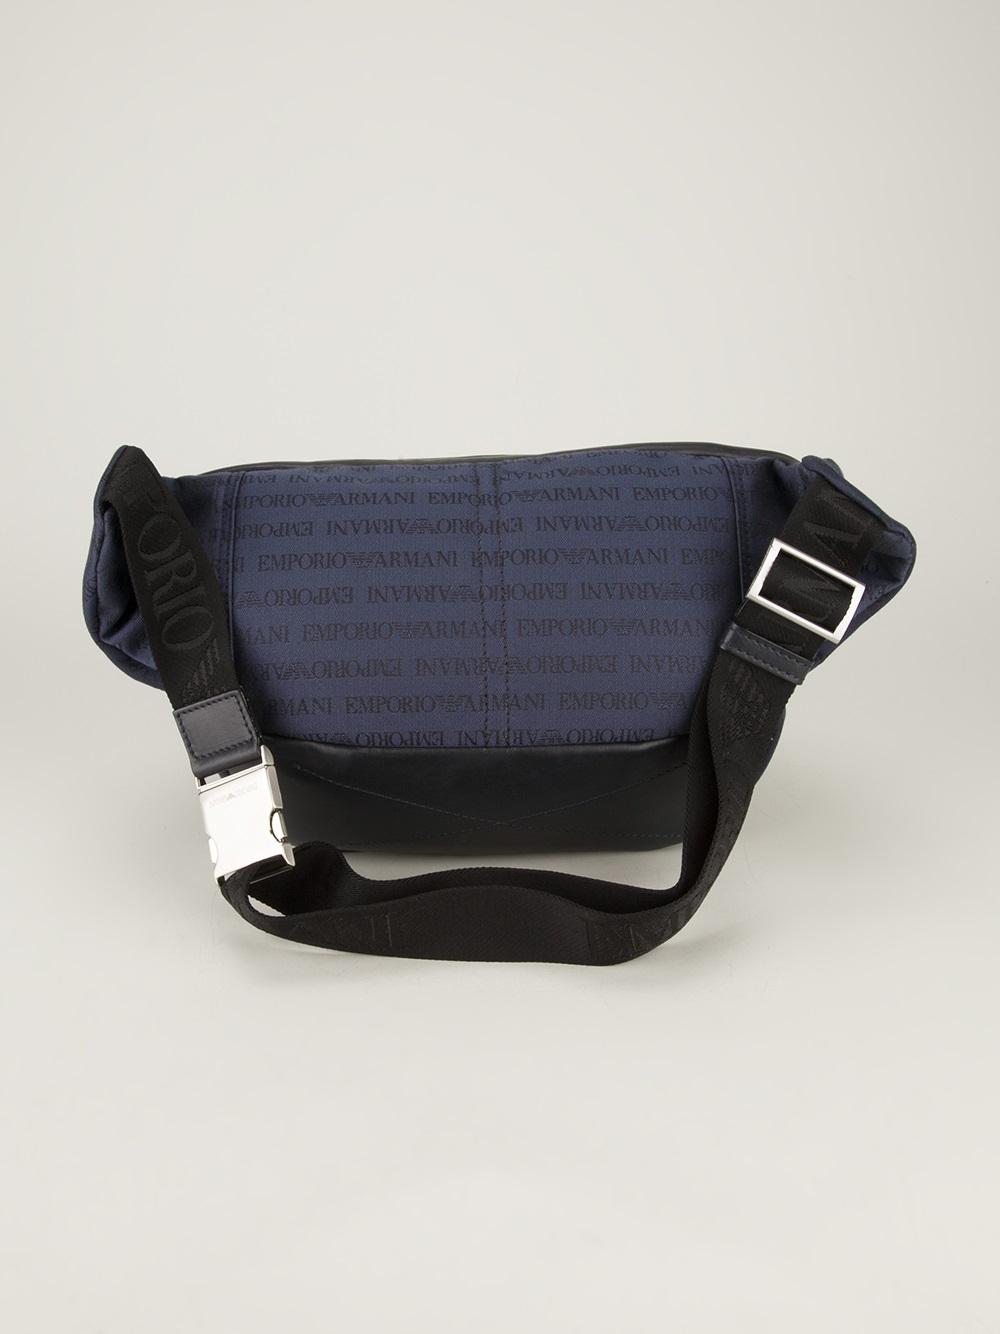 Lyst - Emporio Armani Branded Bum Bag in Blue for Men 842e9d61f2734